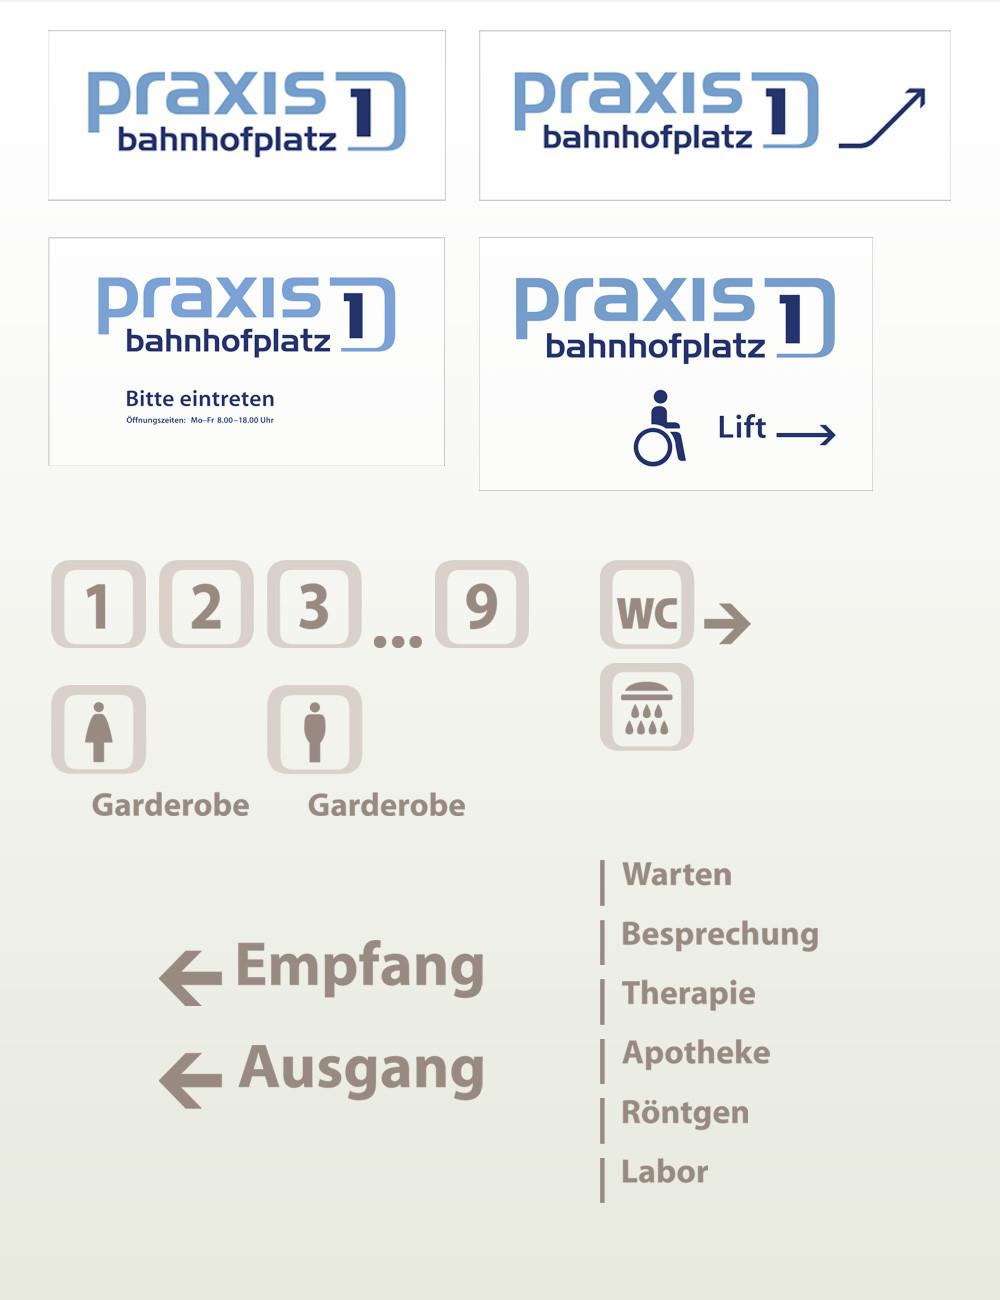 Praxis1_Signaletik1.jpg